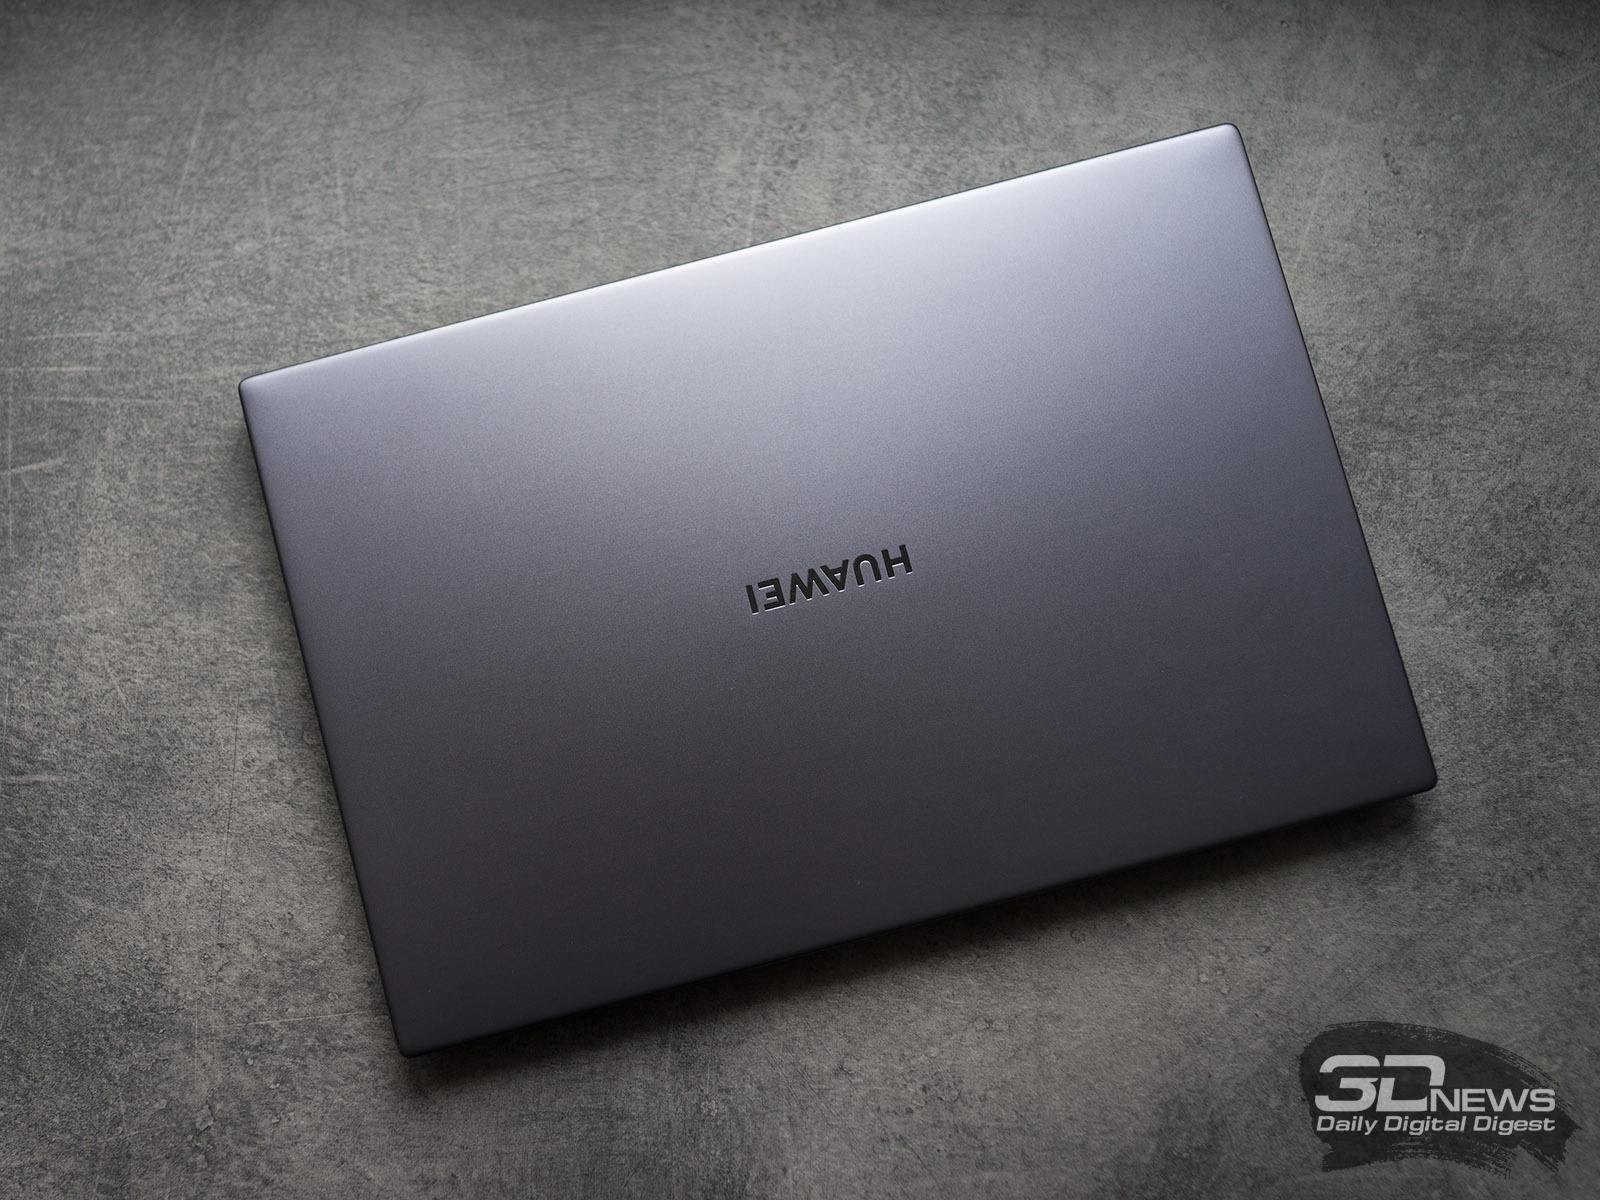 Новая статья: Обзор ноутбука Huawei MateBook D 14: симпатичная и доступная модель на базе AMD Ryzen 5